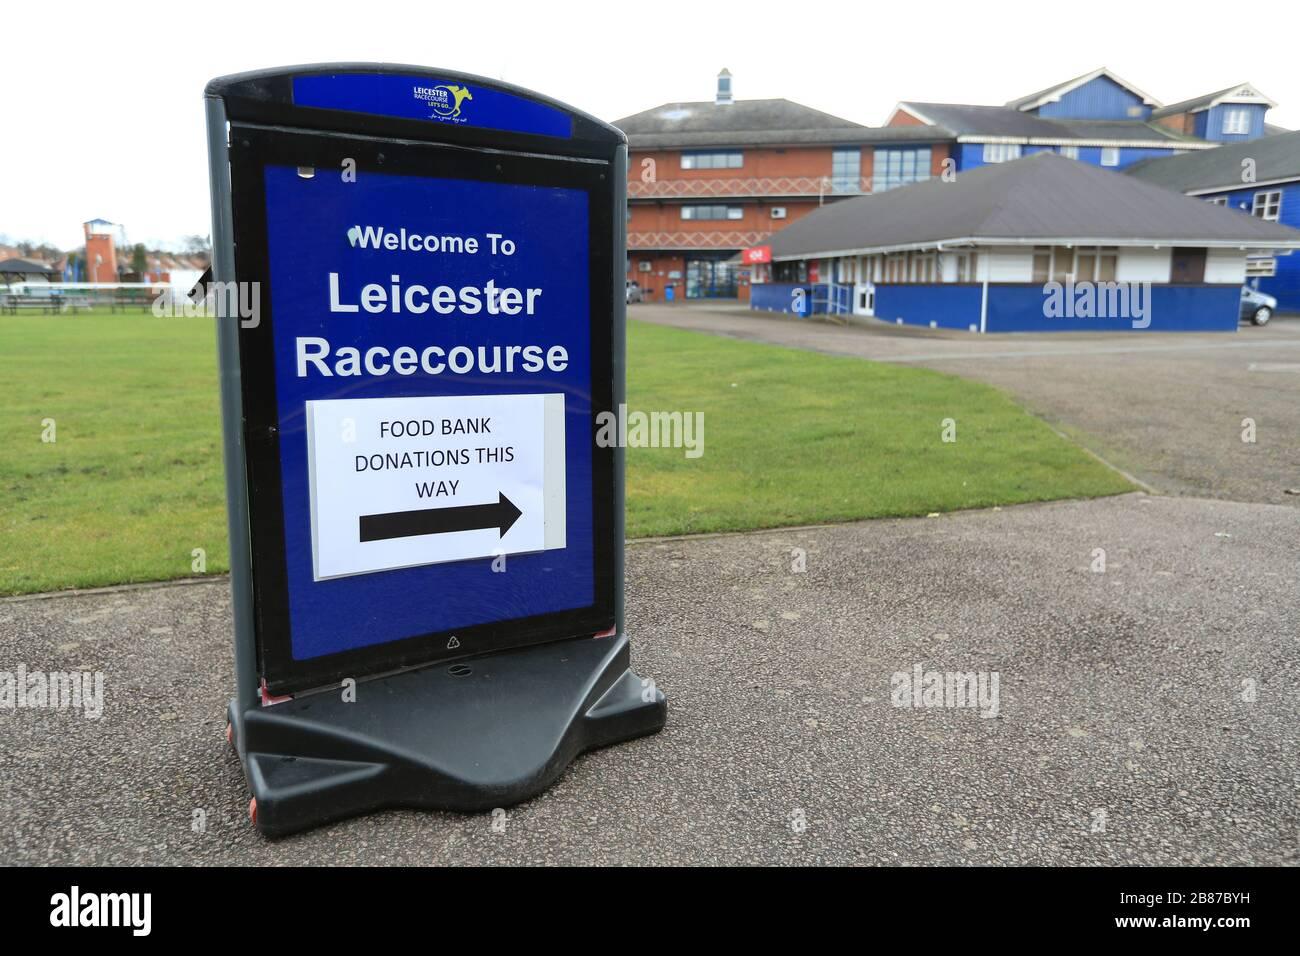 Une vue générale d'un panneau pour une banque de dons de nourriture à l'hippodrome de Leicester comme course en Grande-Bretagne est en attente jusqu'à la fin d'avril au plus tôt. Banque D'Images